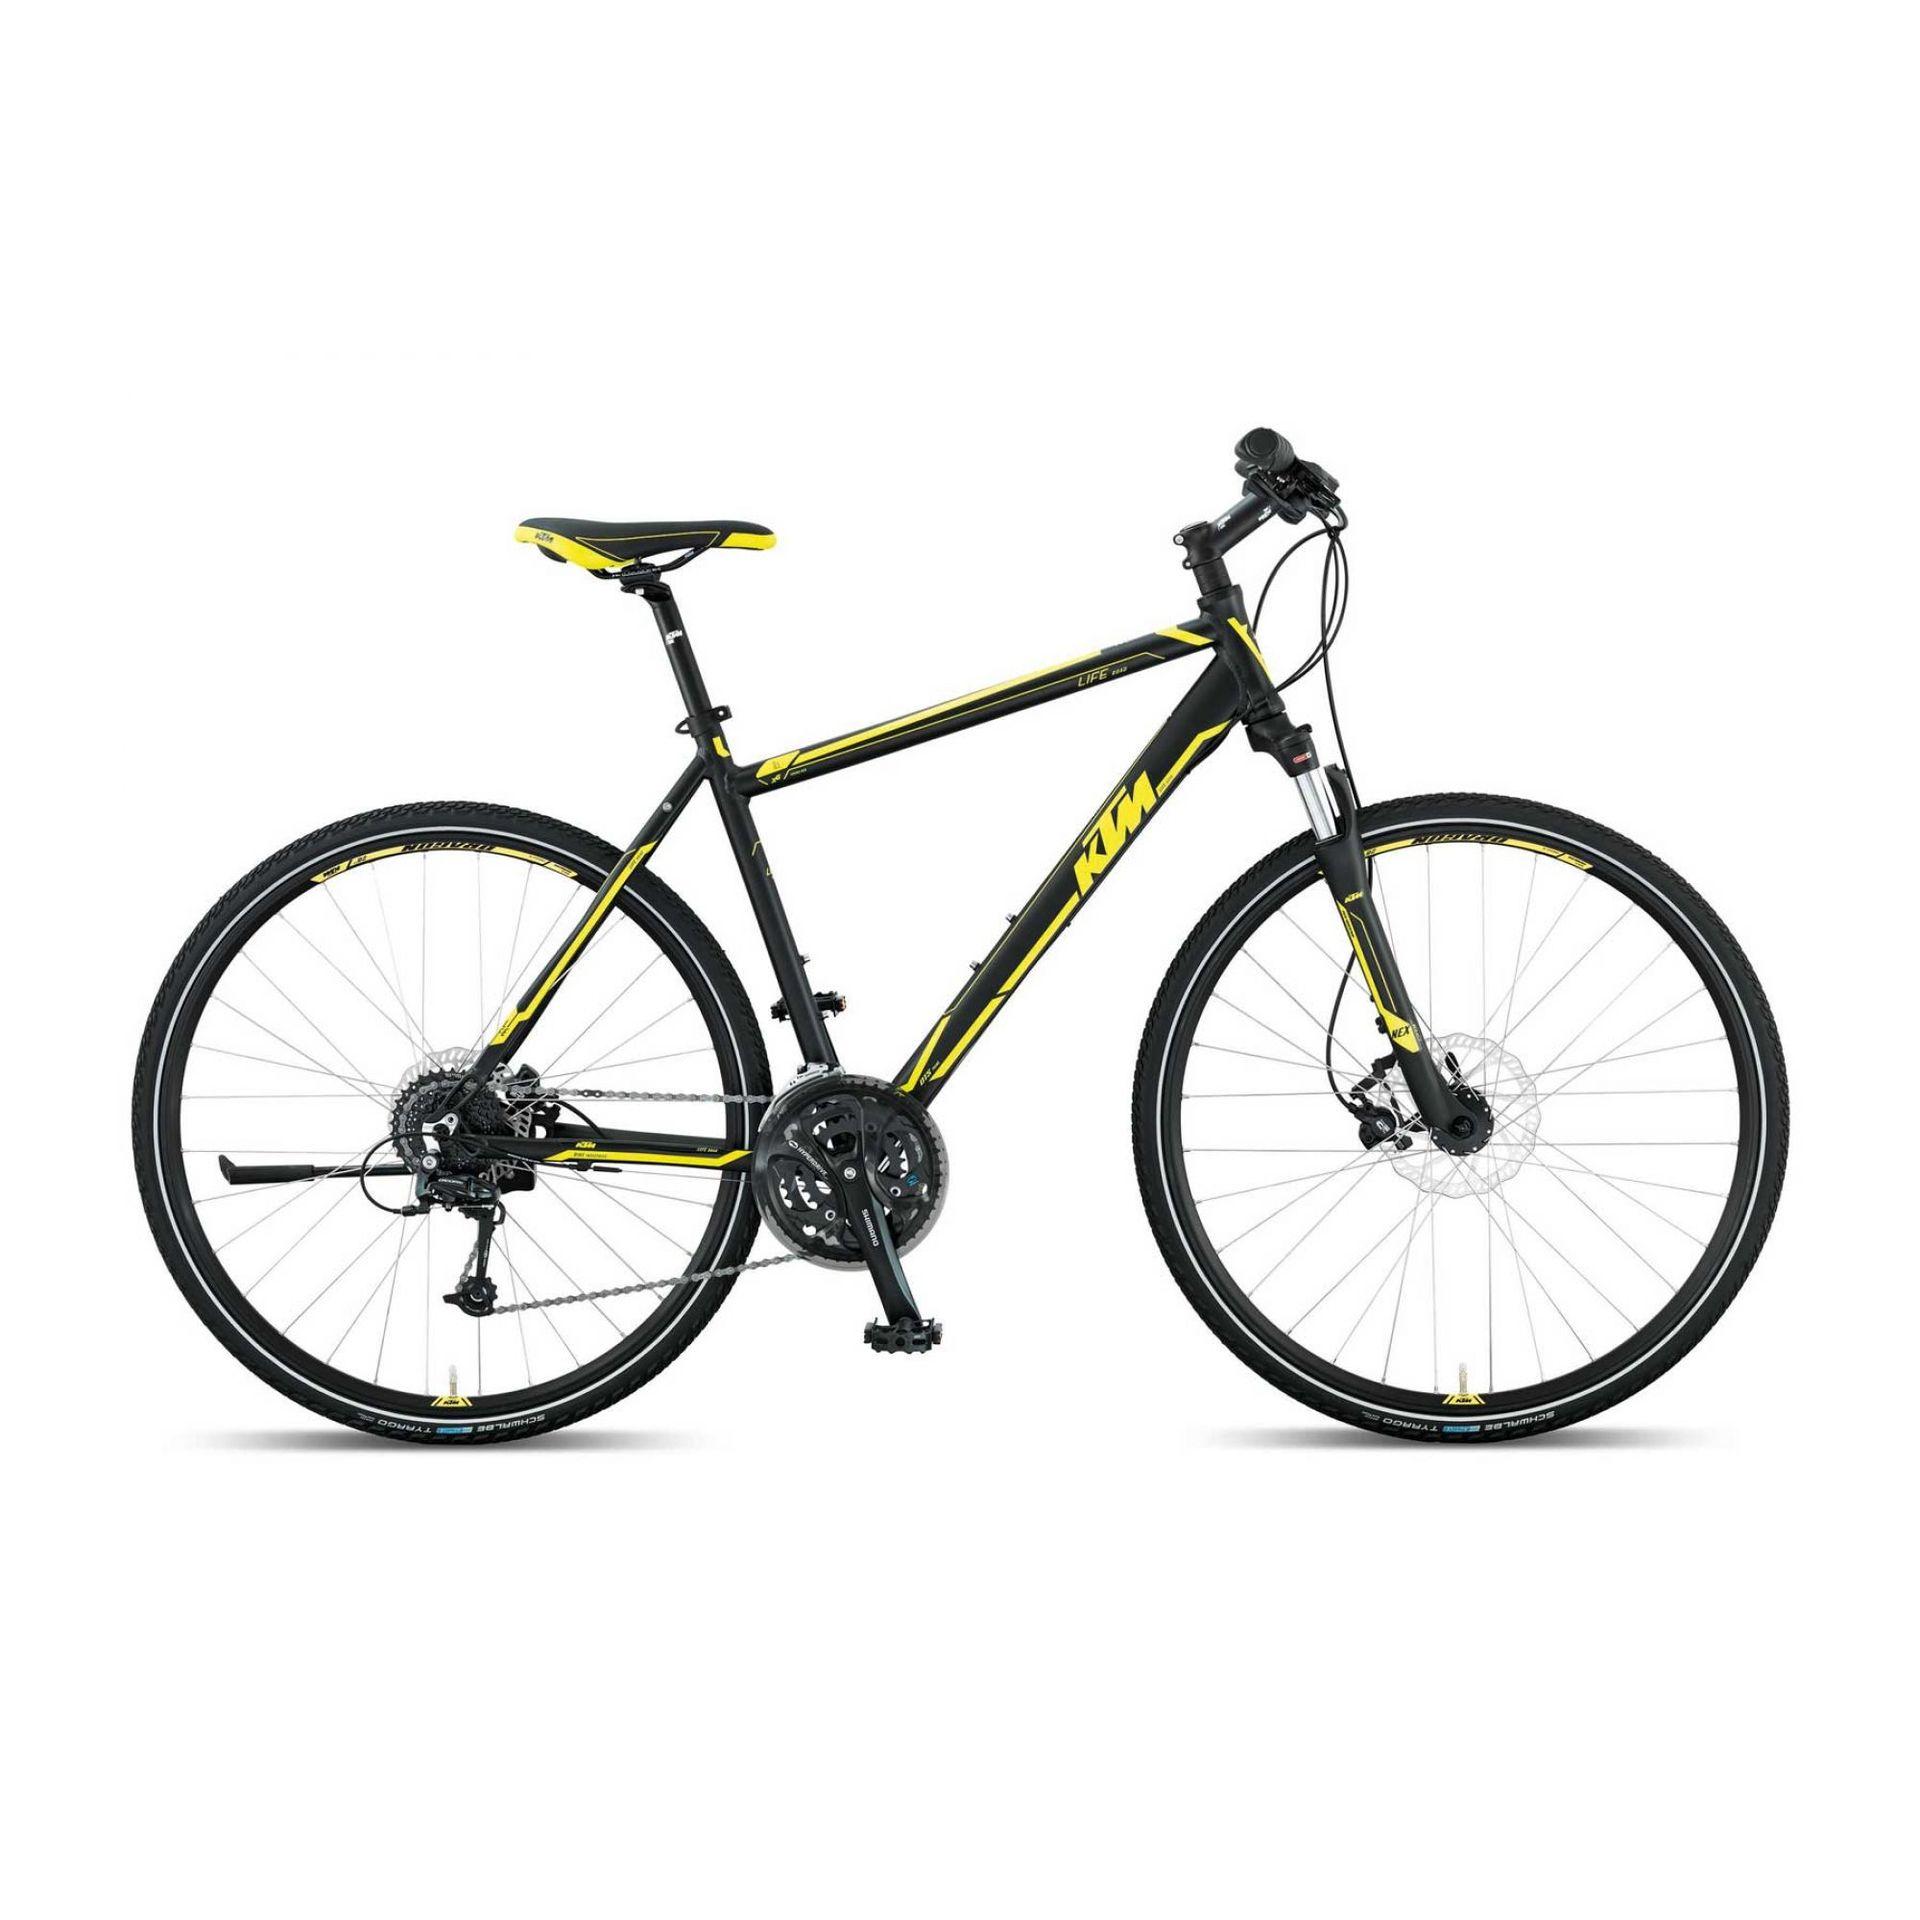 Rower Ktm Life Road Czarny Żółty